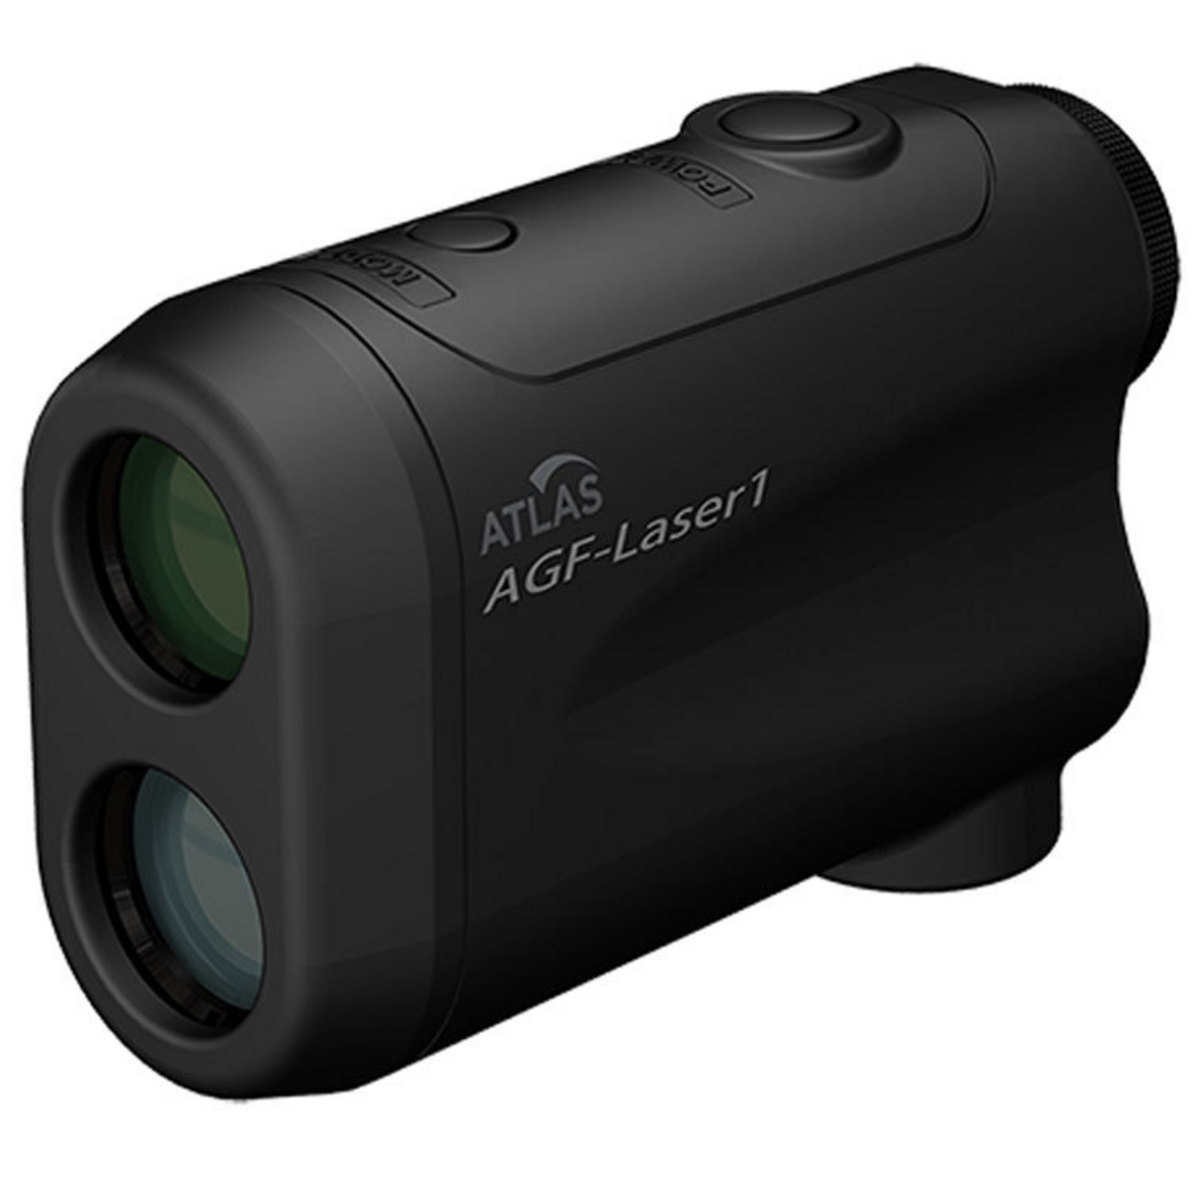 ATLAS AGF-Laser1